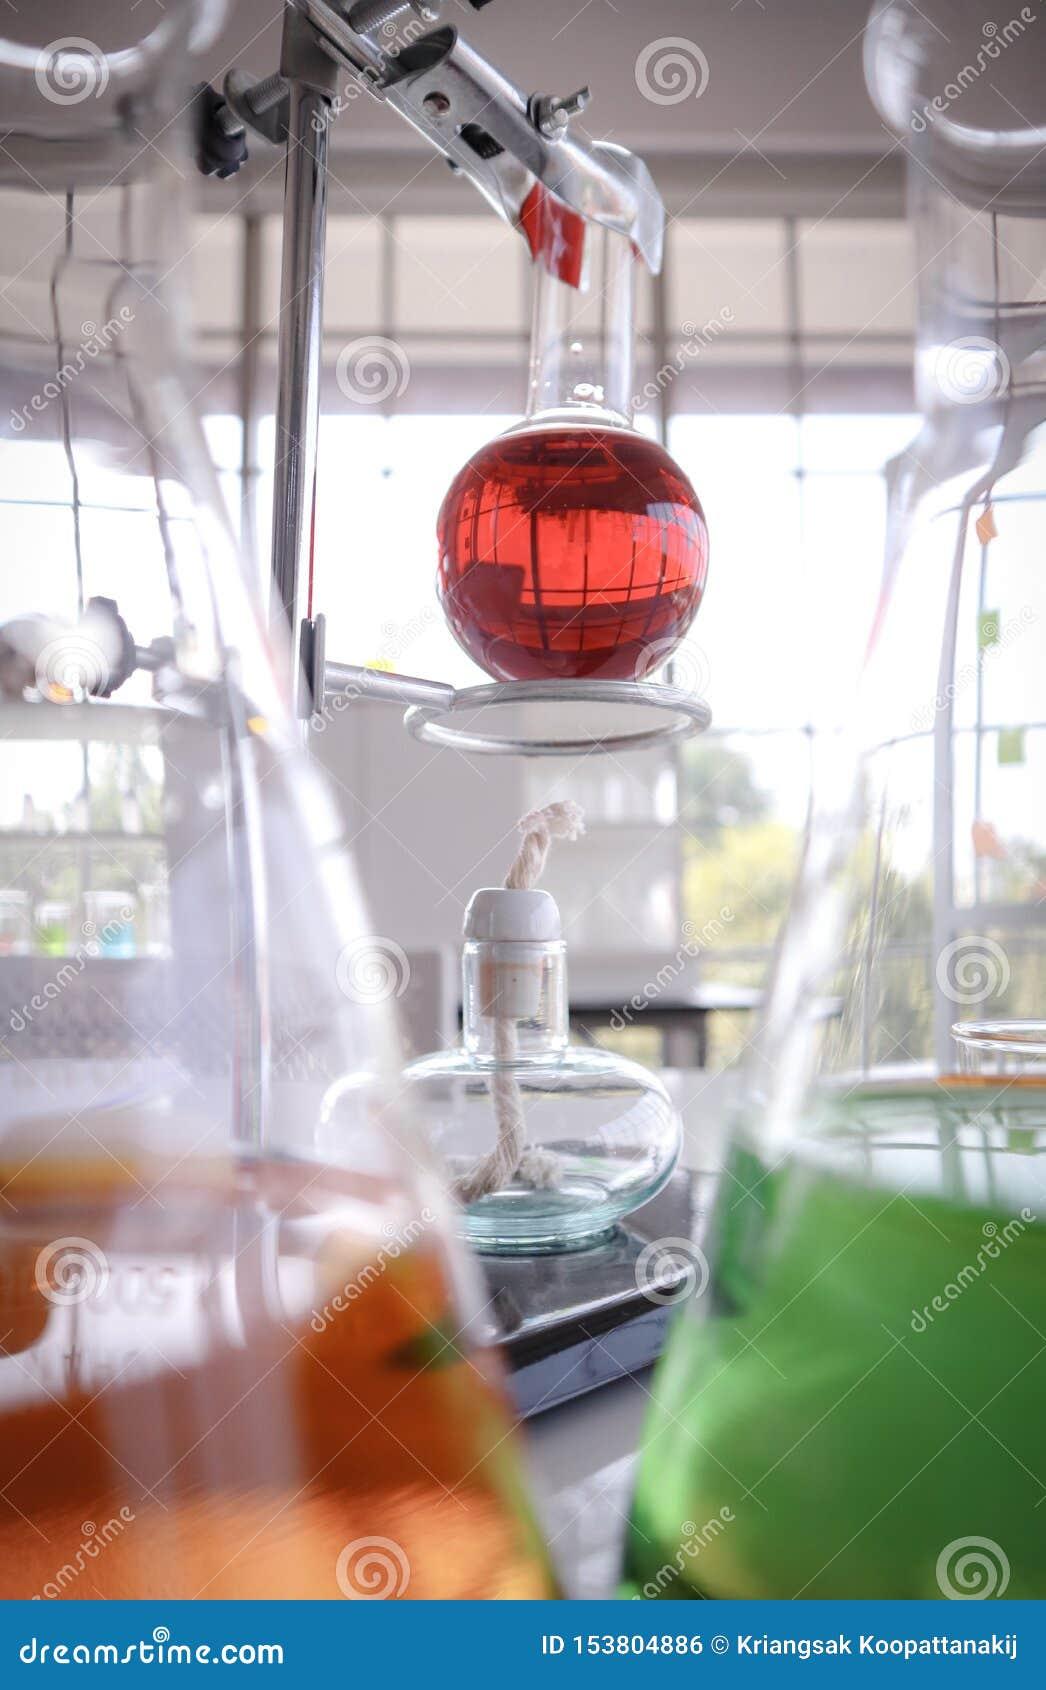 Líquido vermelho na garrafa de teste de vidro na cremalheira Lugar da lâmpada de Alcolhol abaixo com o glasswa químico alaranjado